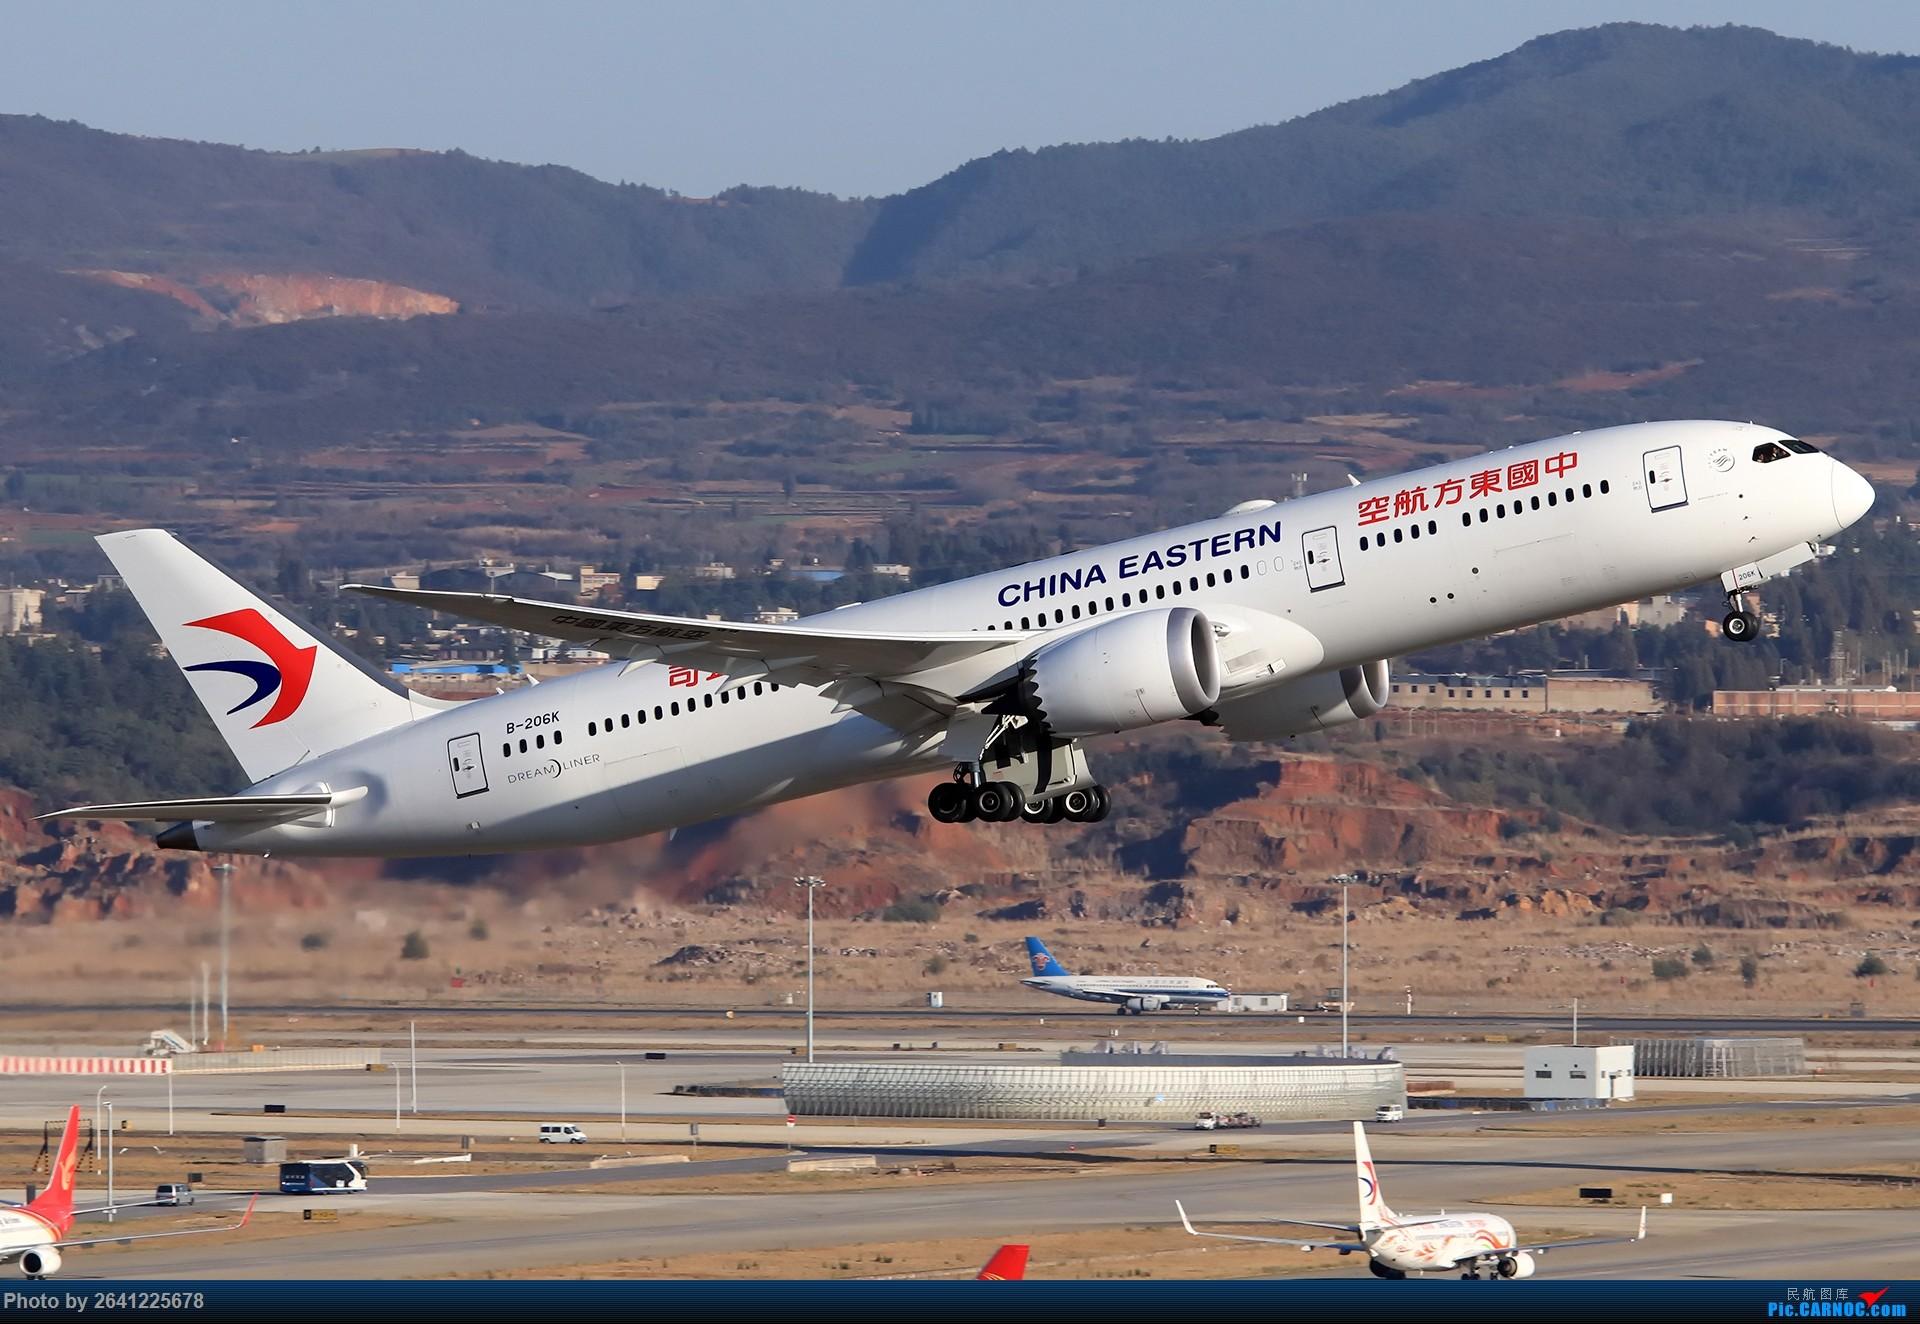 [原创]【KMG】又见云南——昆明 BOEING 787-9 B-206K 中国昆明长水国际机场